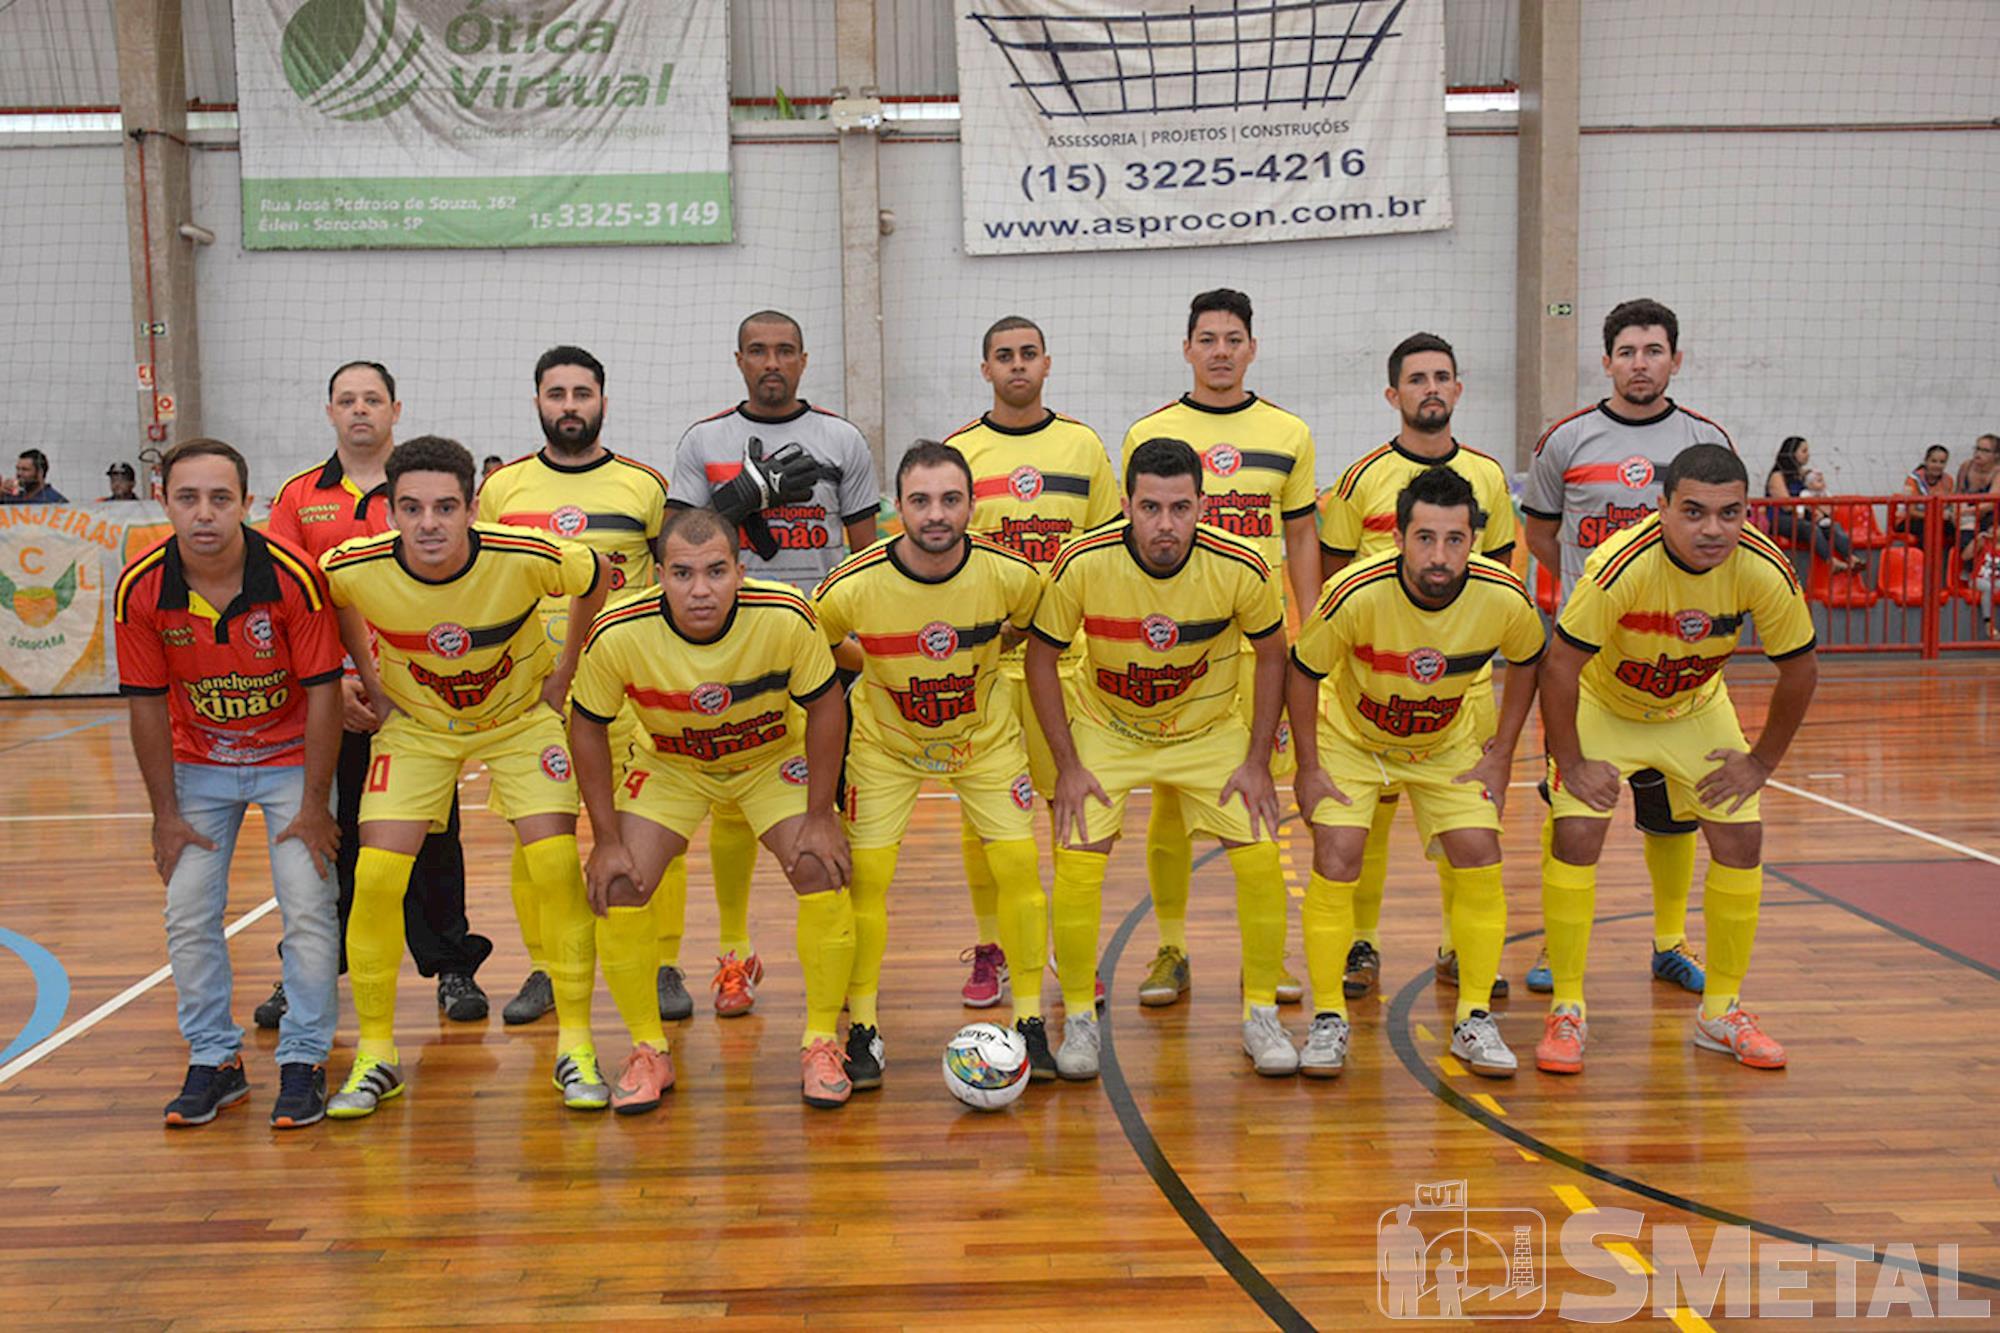 Equipe vice-campeã Lanchonete Skinão, ,